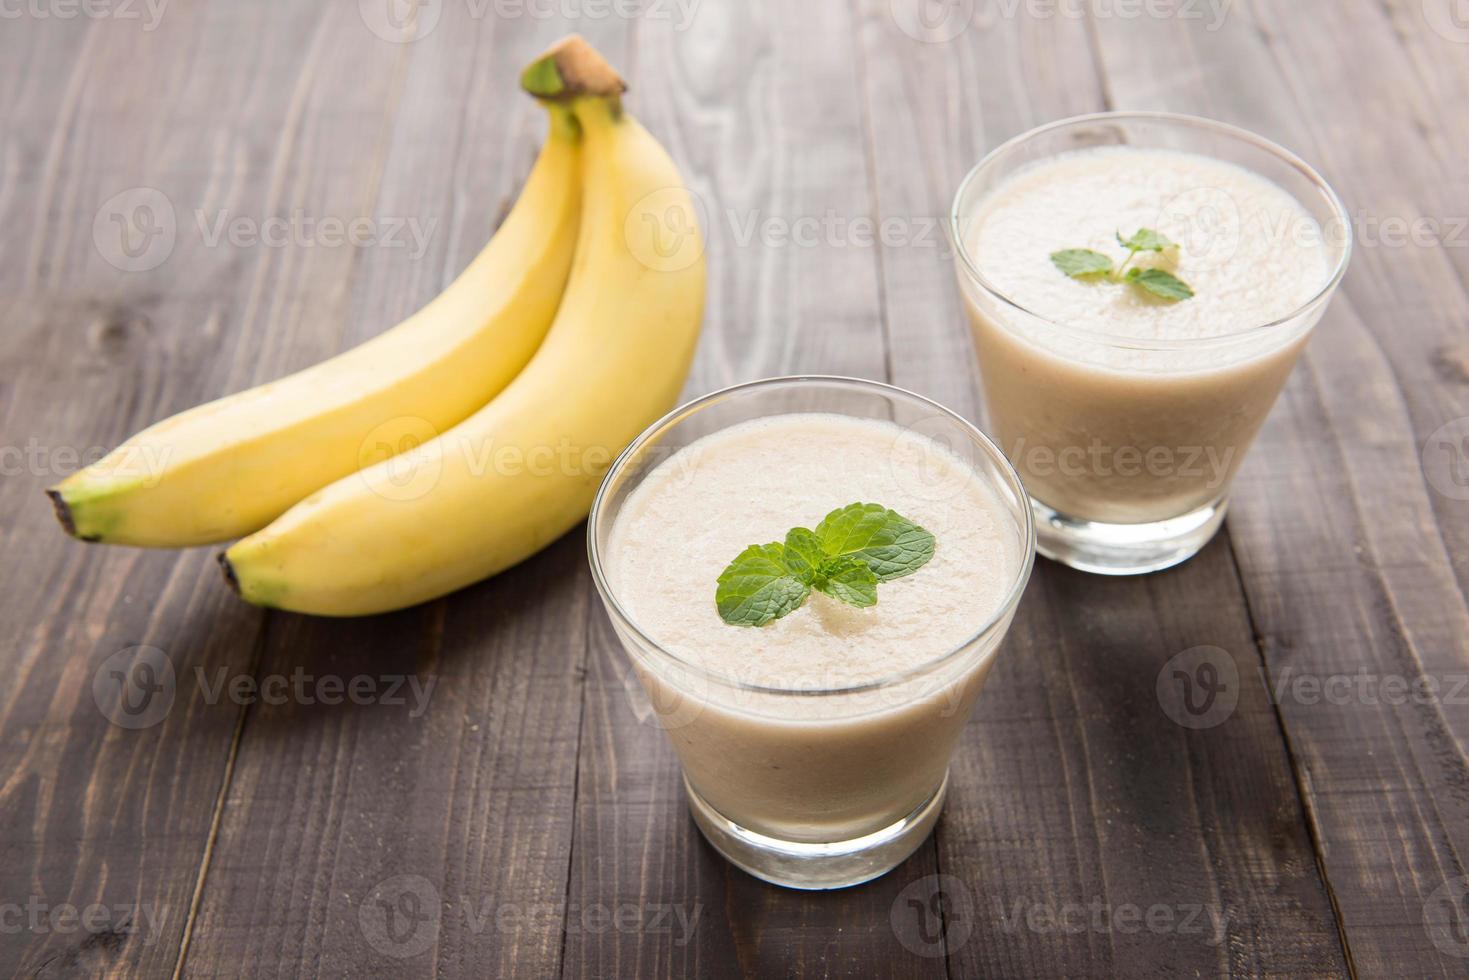 Bananen-Smoothie auf Holztisch. foto